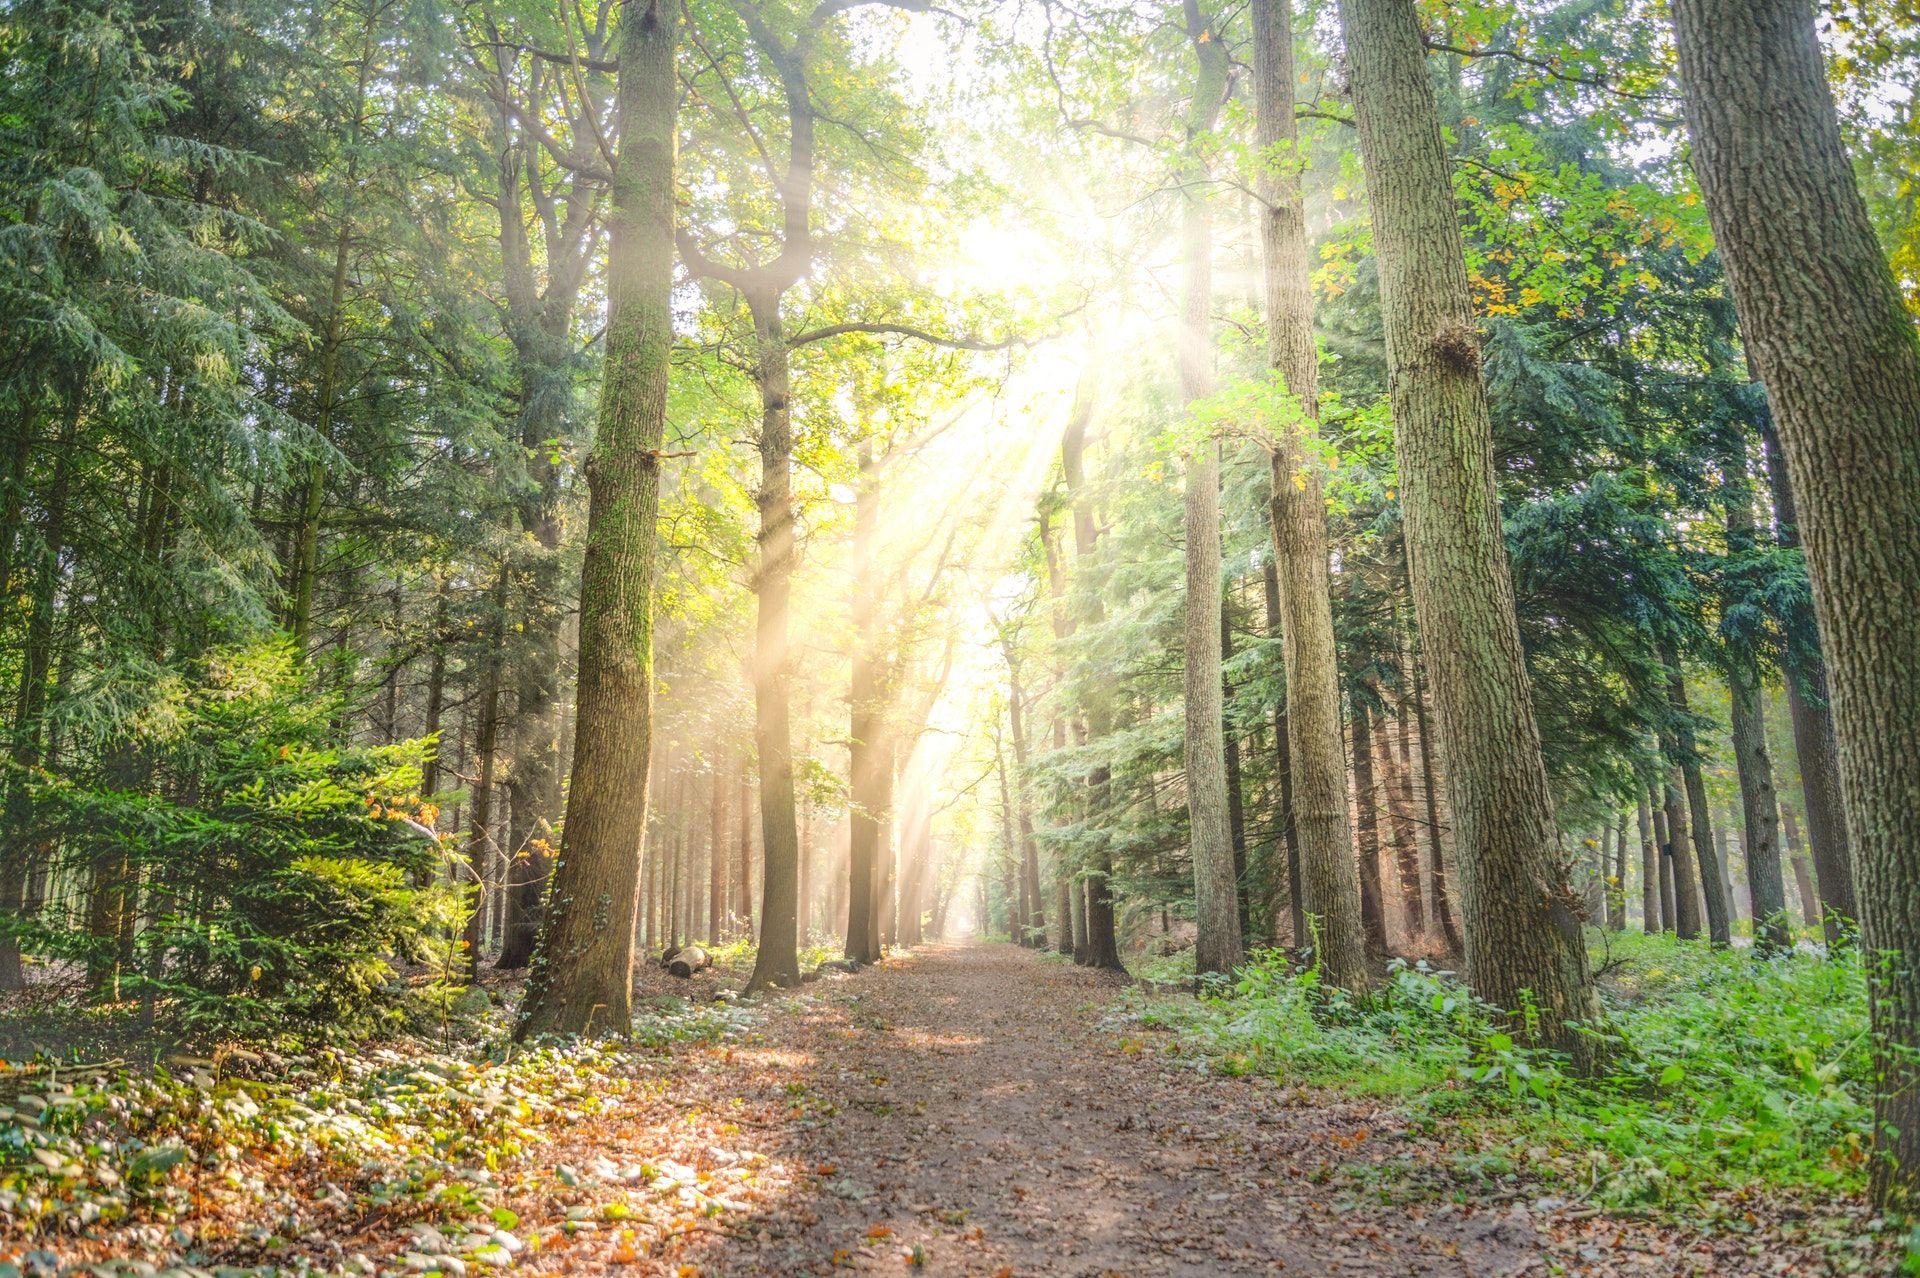 عکس زمینه مسیر بین برگ درختان به همراه تابش نور شیدید پس زمینه